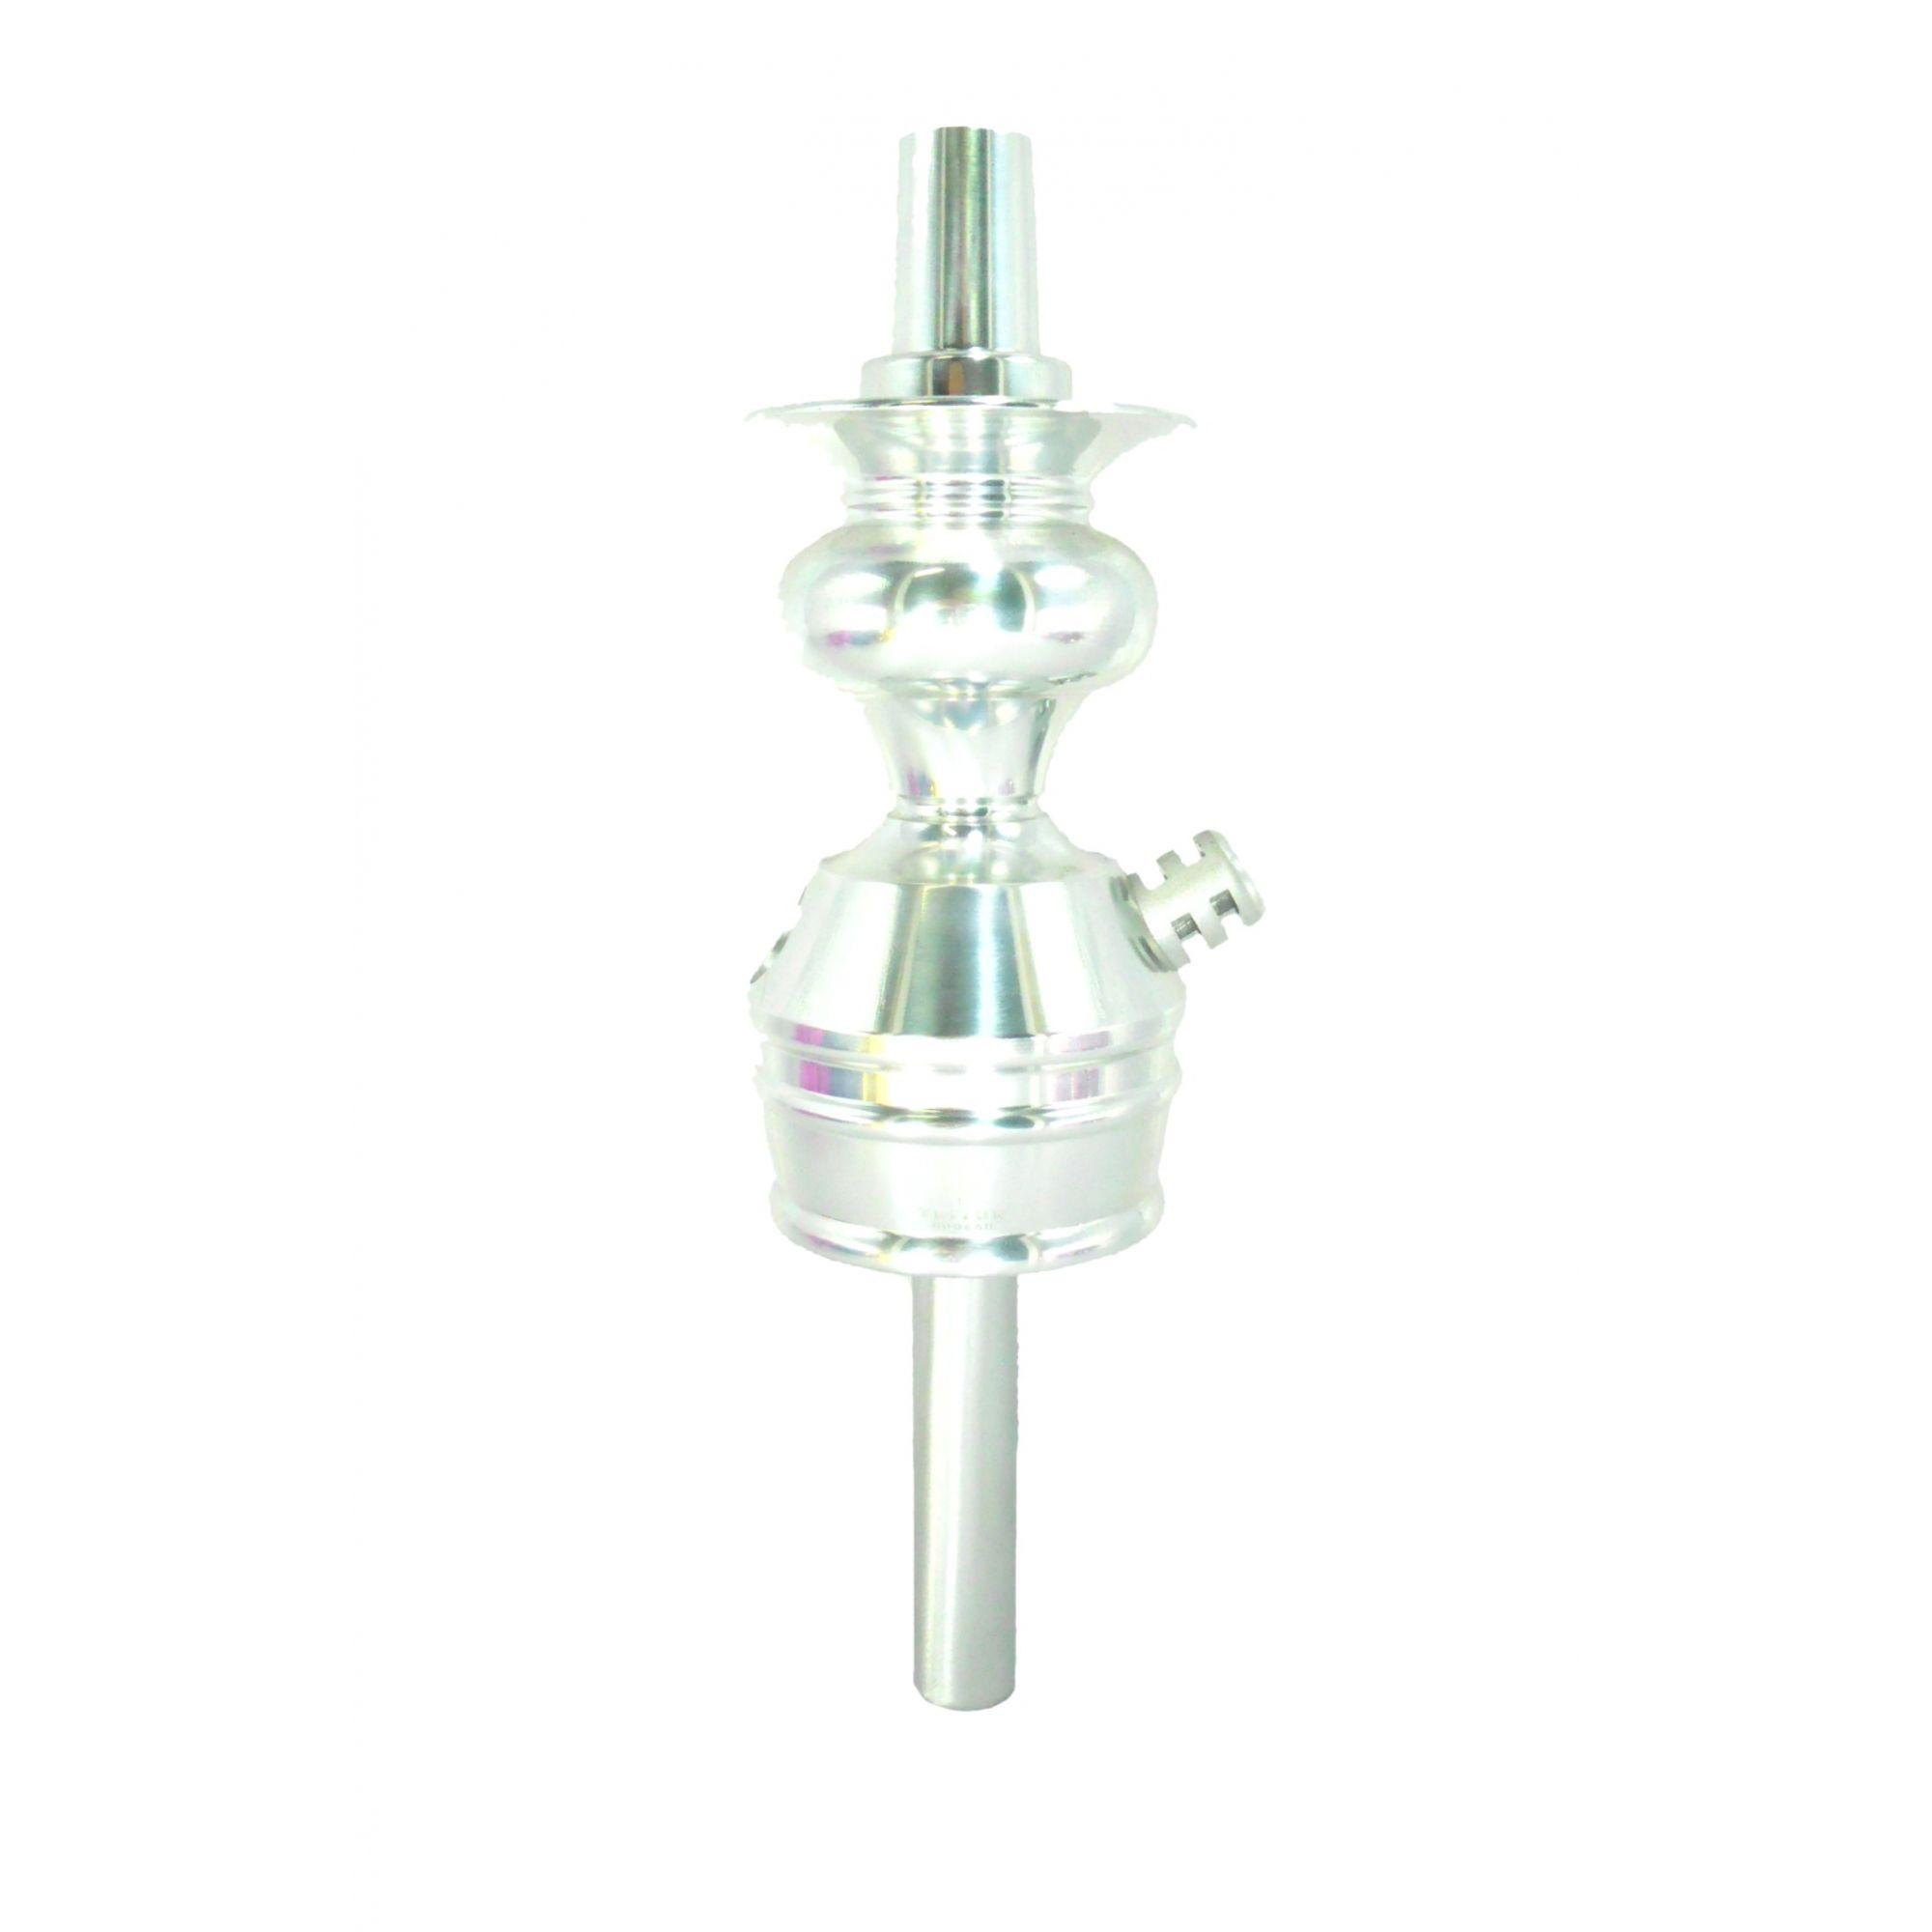 Stem (corpo de narguile) TRITON ZIP, em alumínio maciço, usinado e dutado. 22cm de altura do stem.